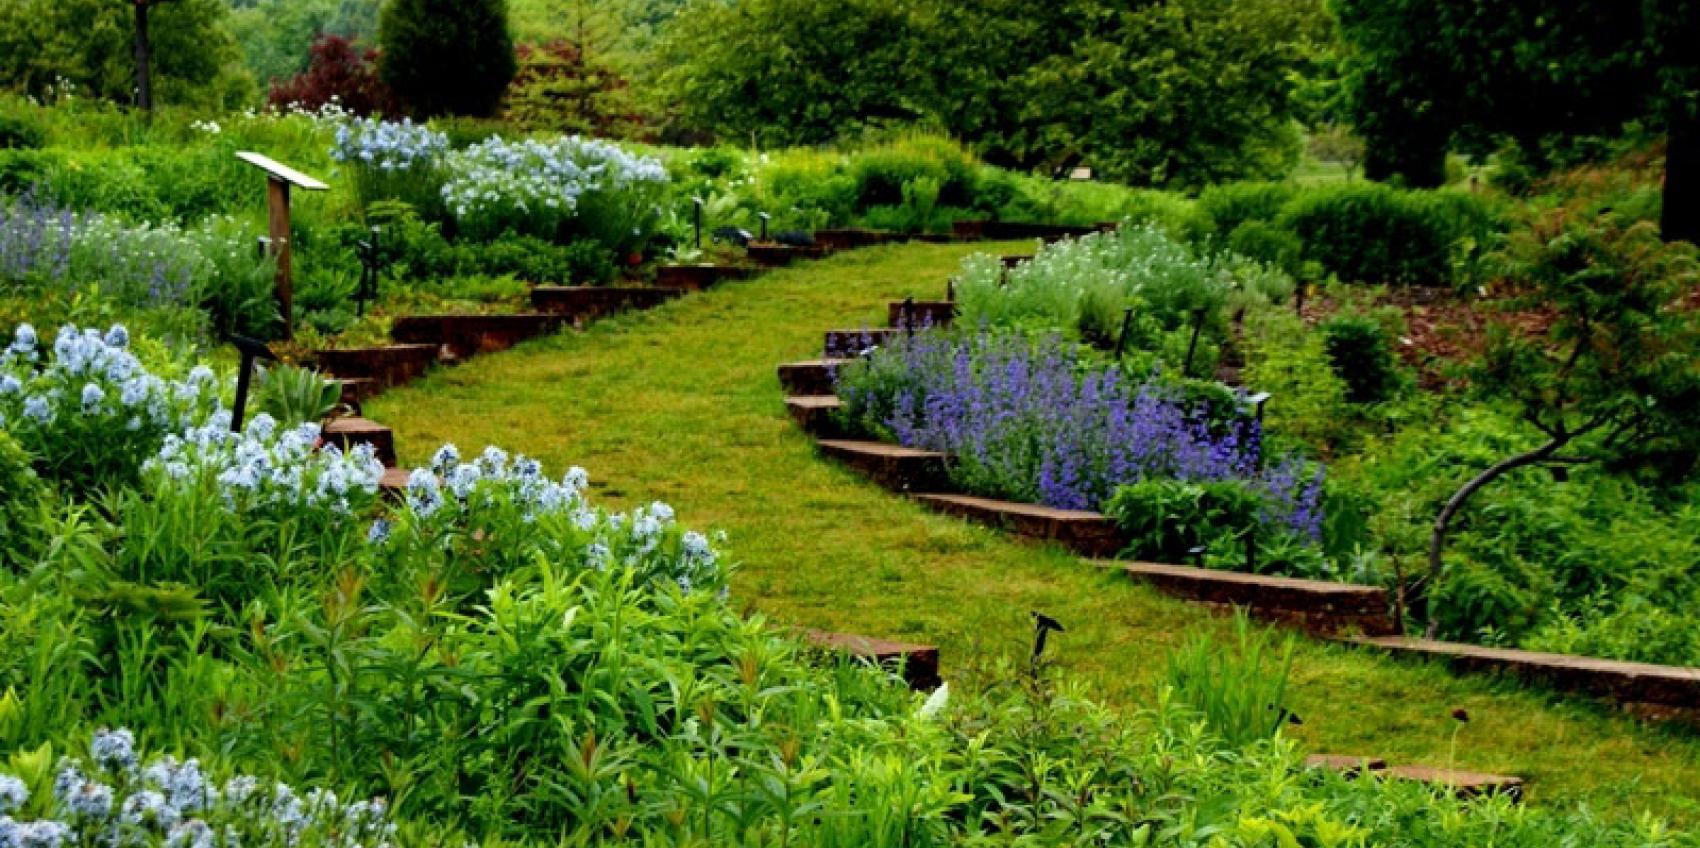 Holden Arboretum American Public Gardens Association